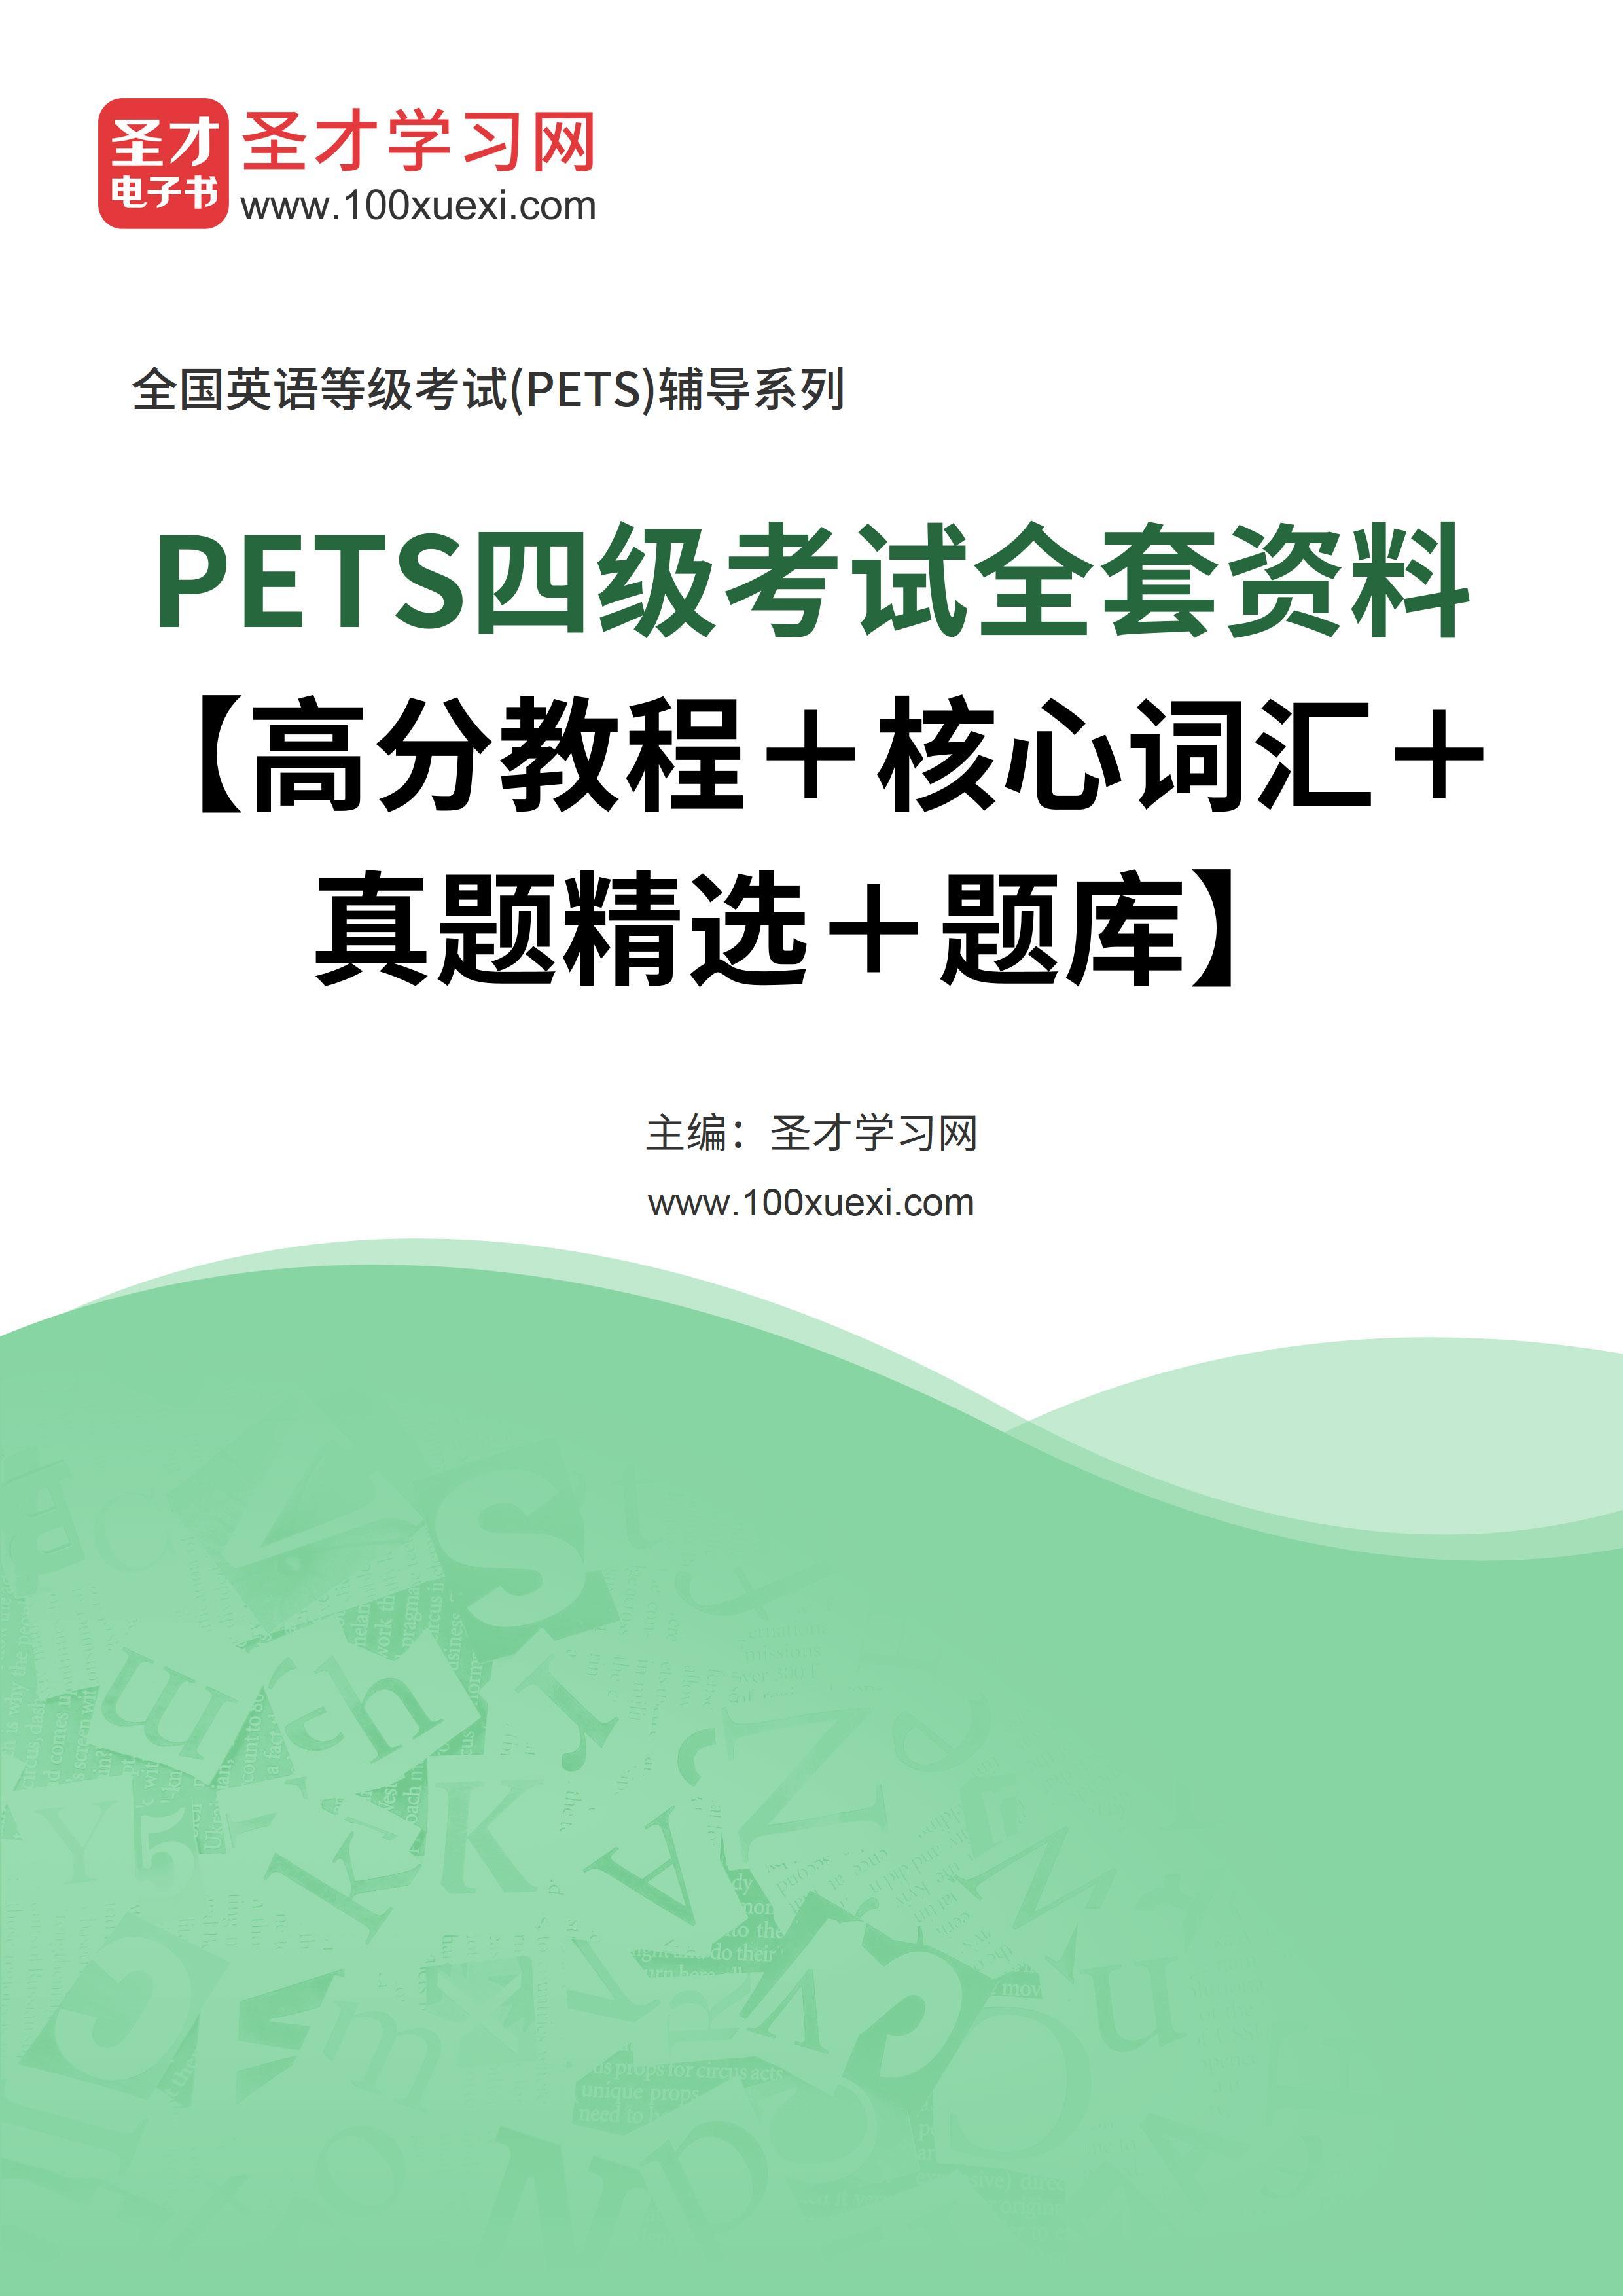 2021年PETS四级考试全套资料【高分教程+核心词汇+真题精选+题库】